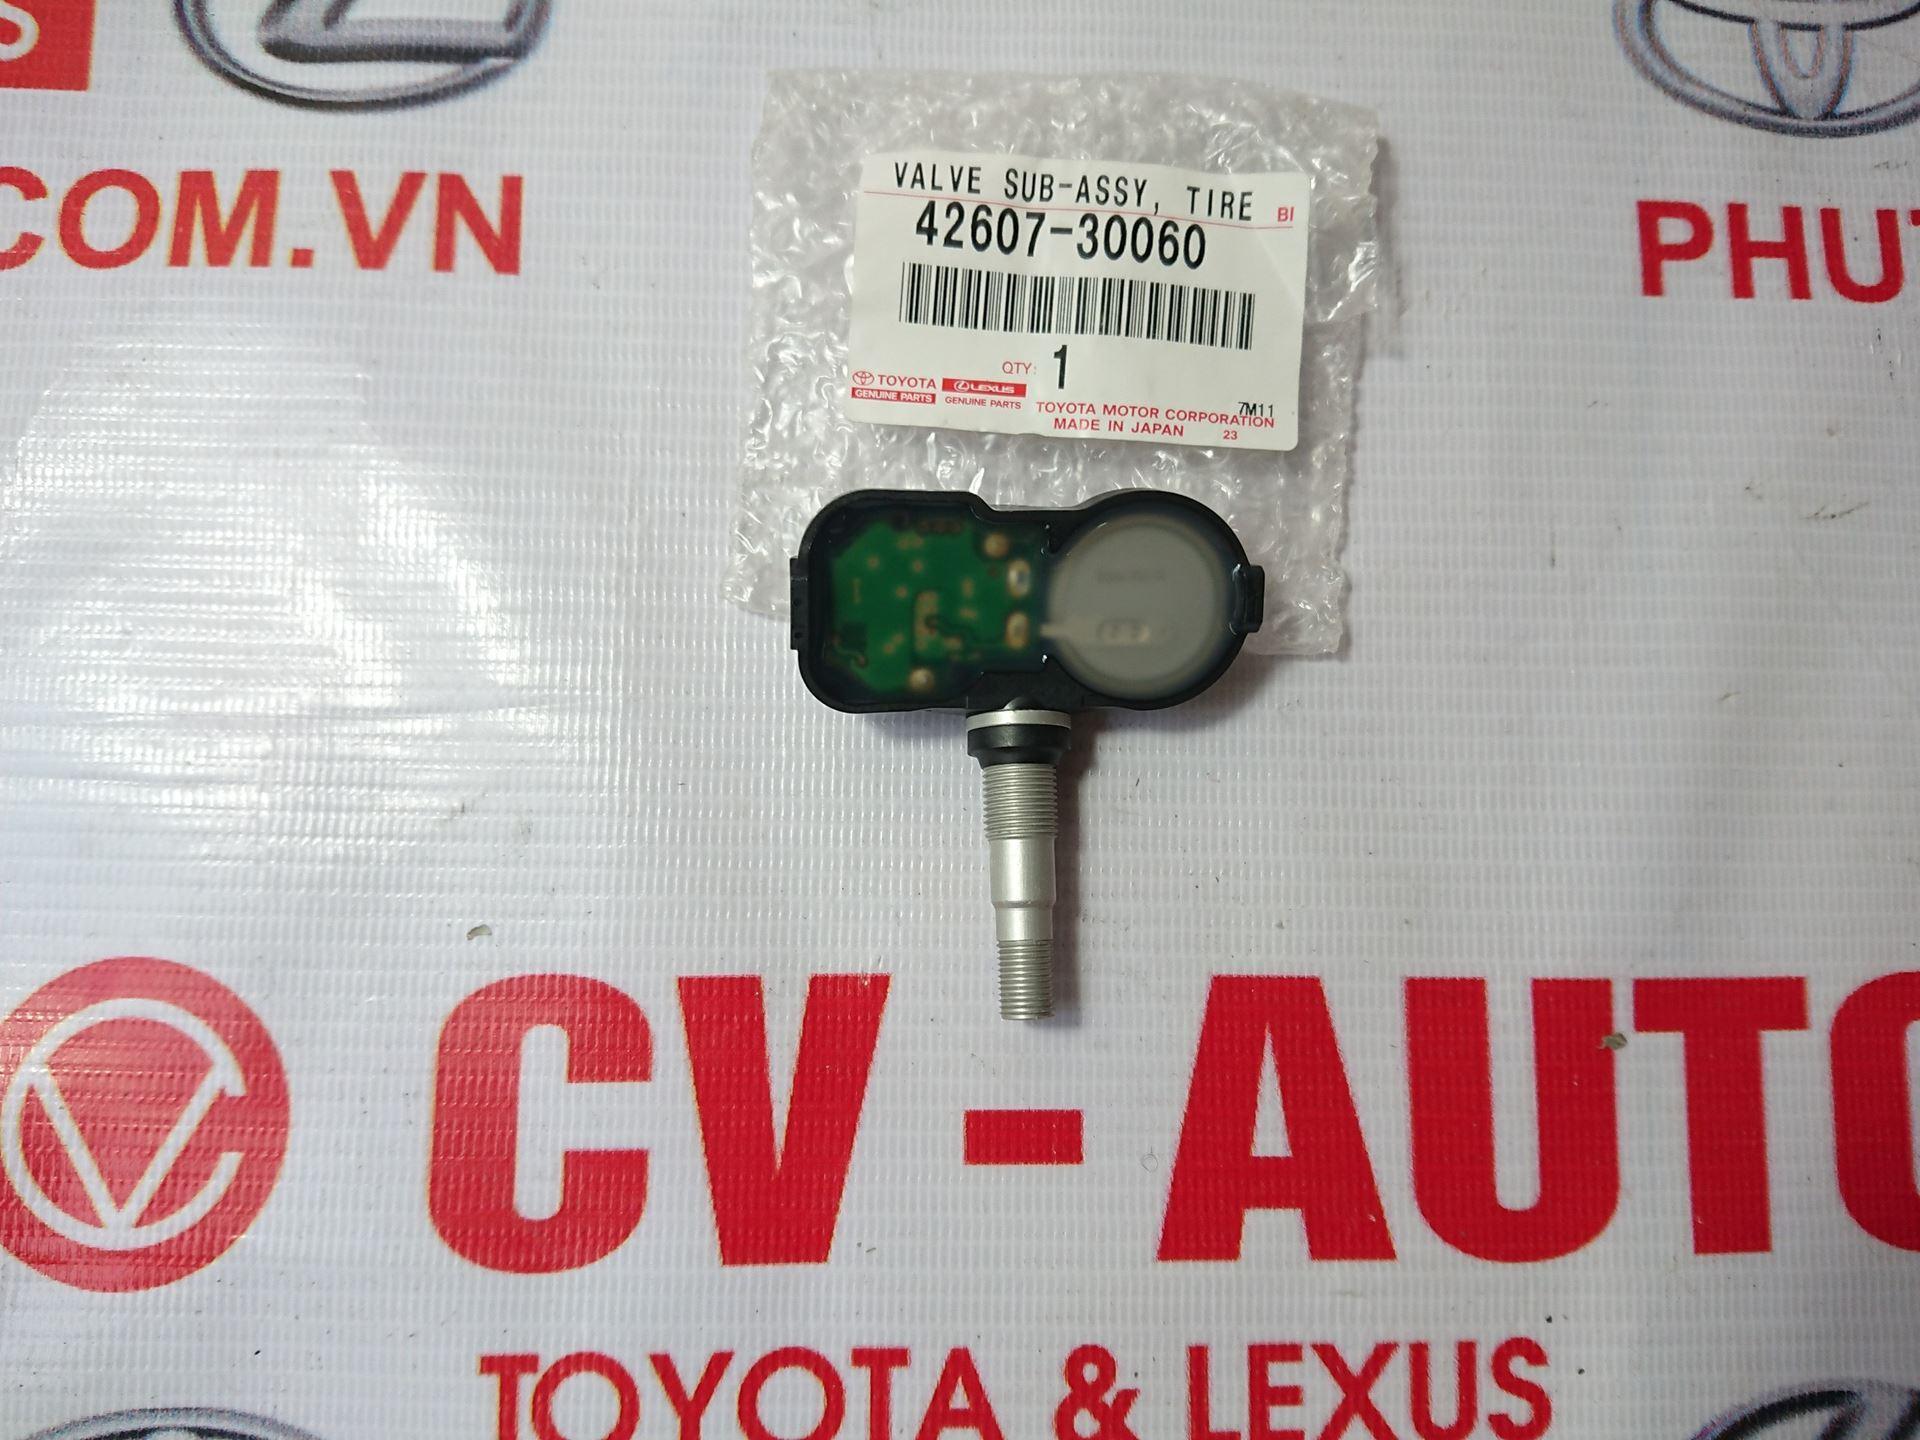 Picture of 42607-30060 Cảm biến áp suất lốp Toyota, Lexus hàng chính hãng ES300h, ES350, GS F, GS Turbo, GS200t, GS300, GS350, GS450h, GX460, IS200t, IS250, IS300, IS350, LS460, LS600h, NX200t, NX300, NX300h, RC F, RC Turbo, RC200t, RC300, RC350